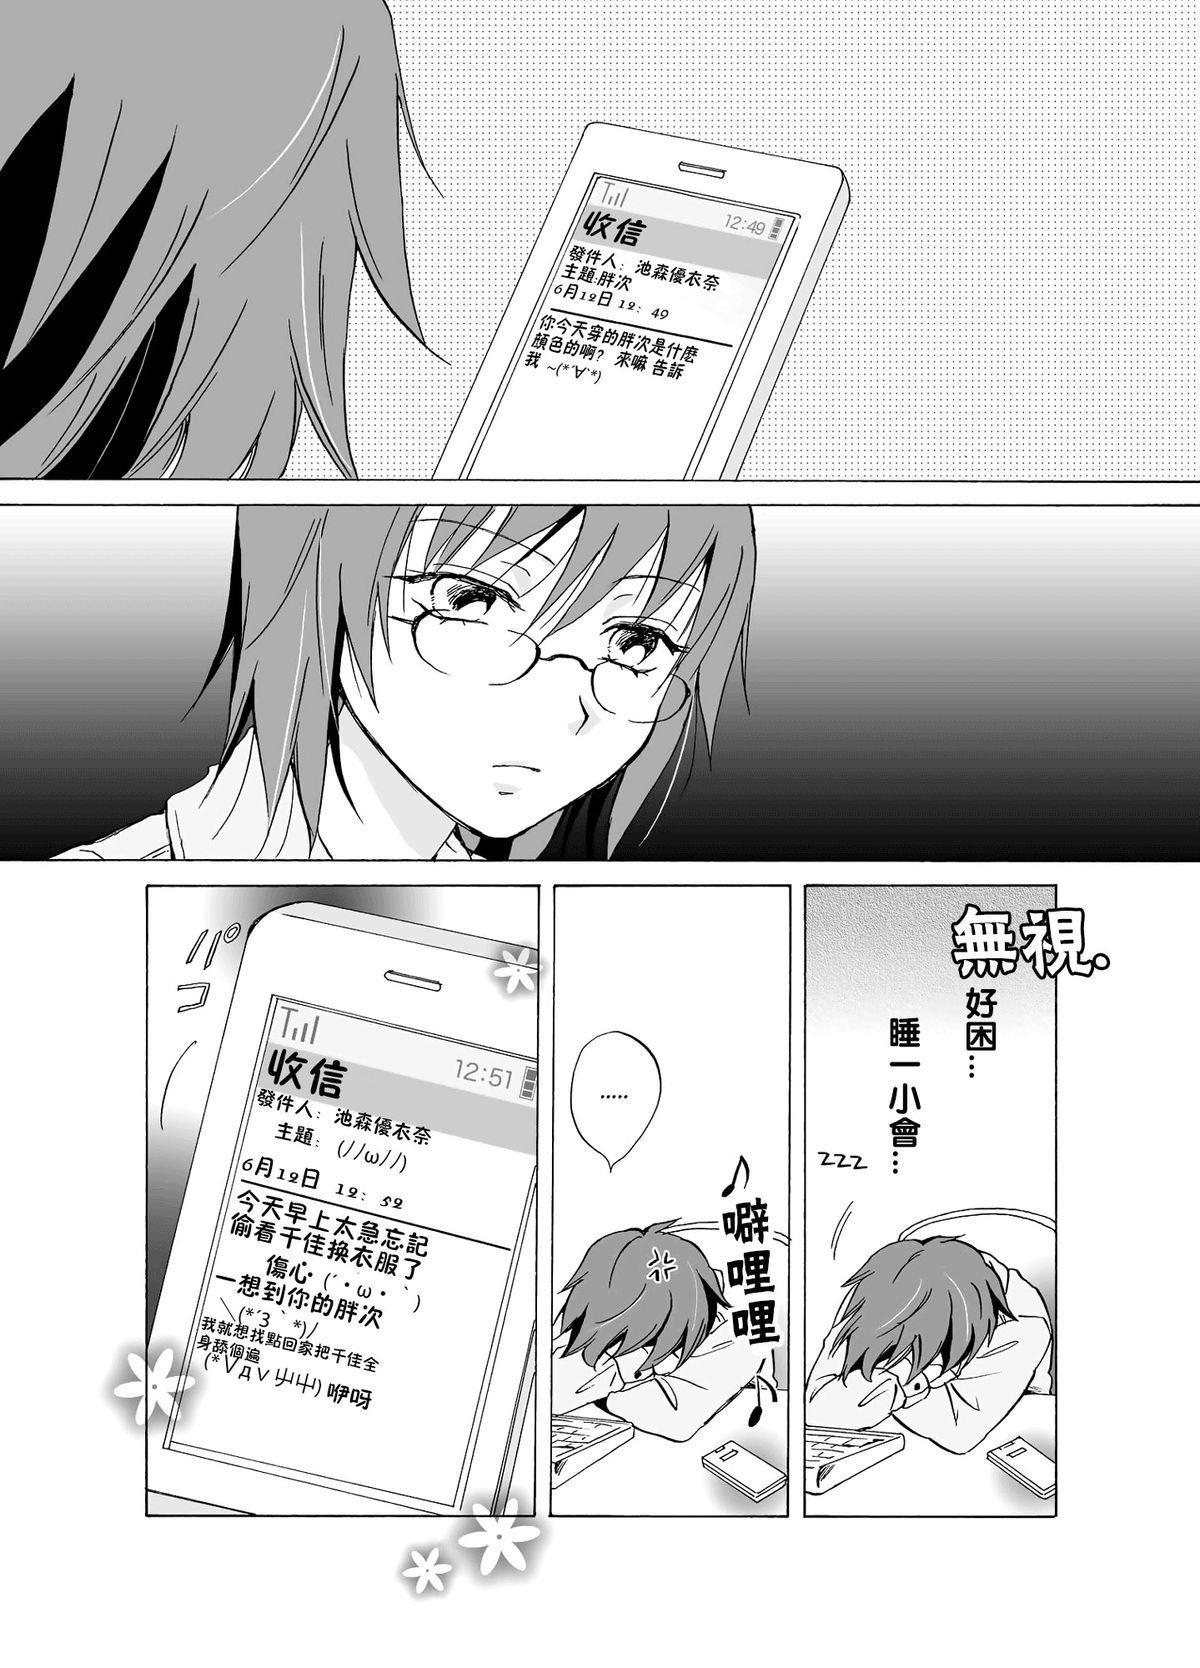 Aisaresugite Komaru no | 為愛所困 18